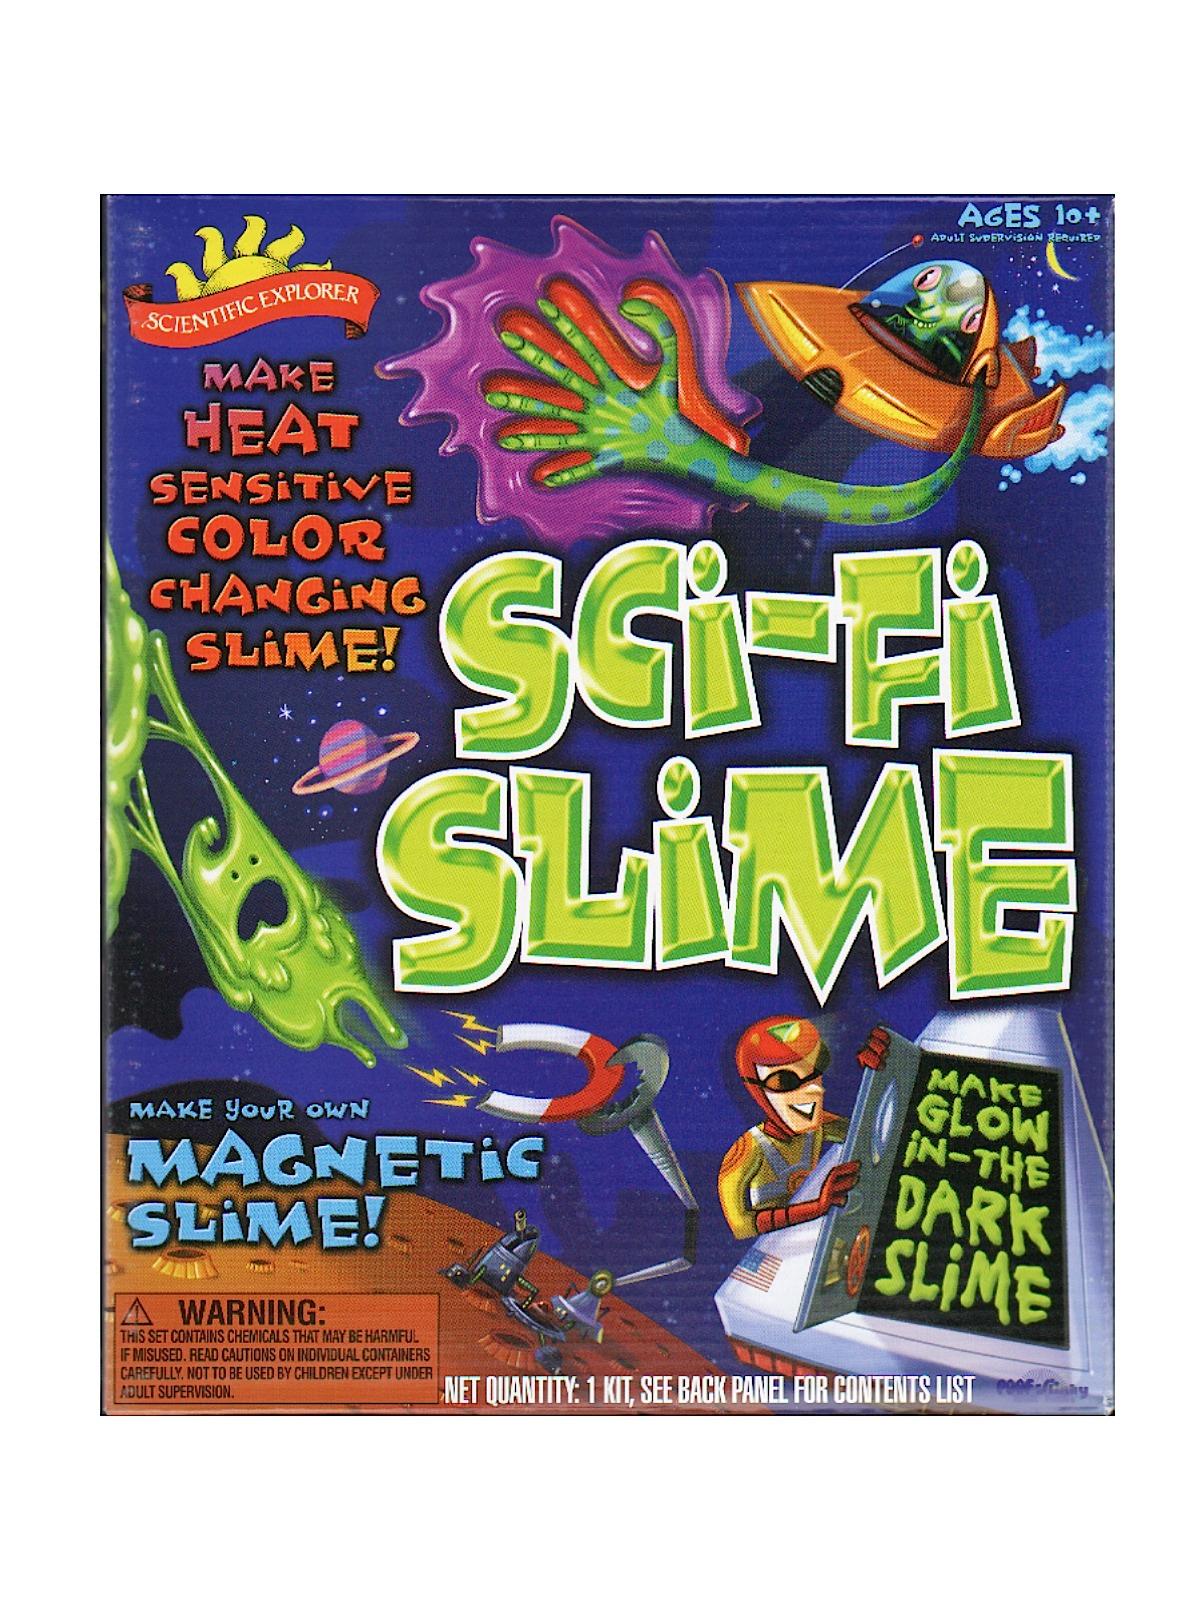 Sci-Fi Slime Kit